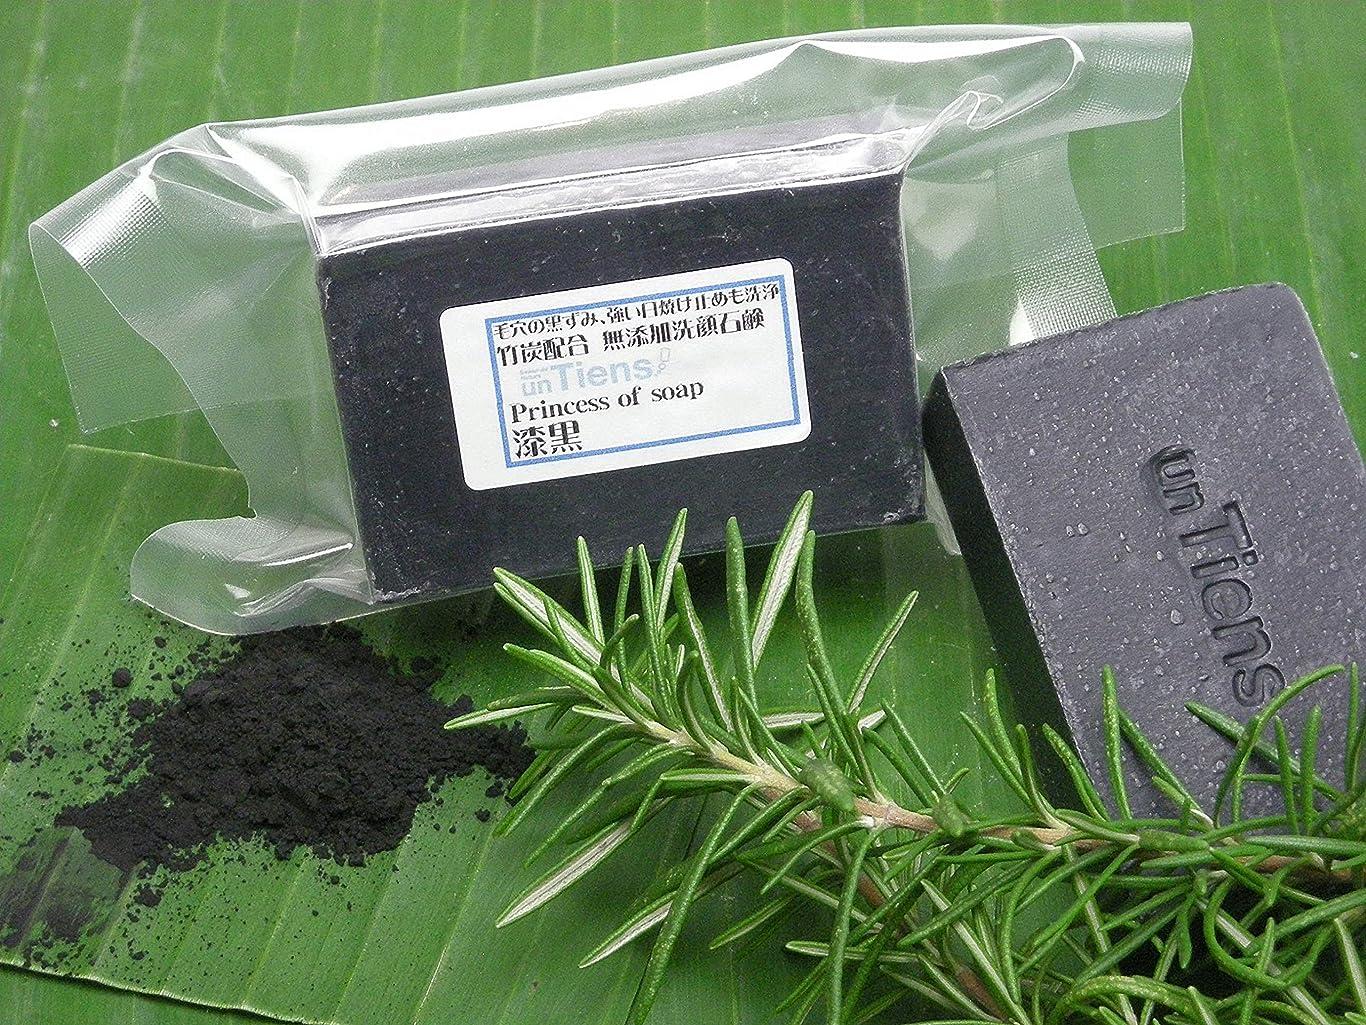 インゲン法的レルム手作り石鹸アンティアン プリンセスオブソープ 「漆黒」もっとお得な5個セット225g